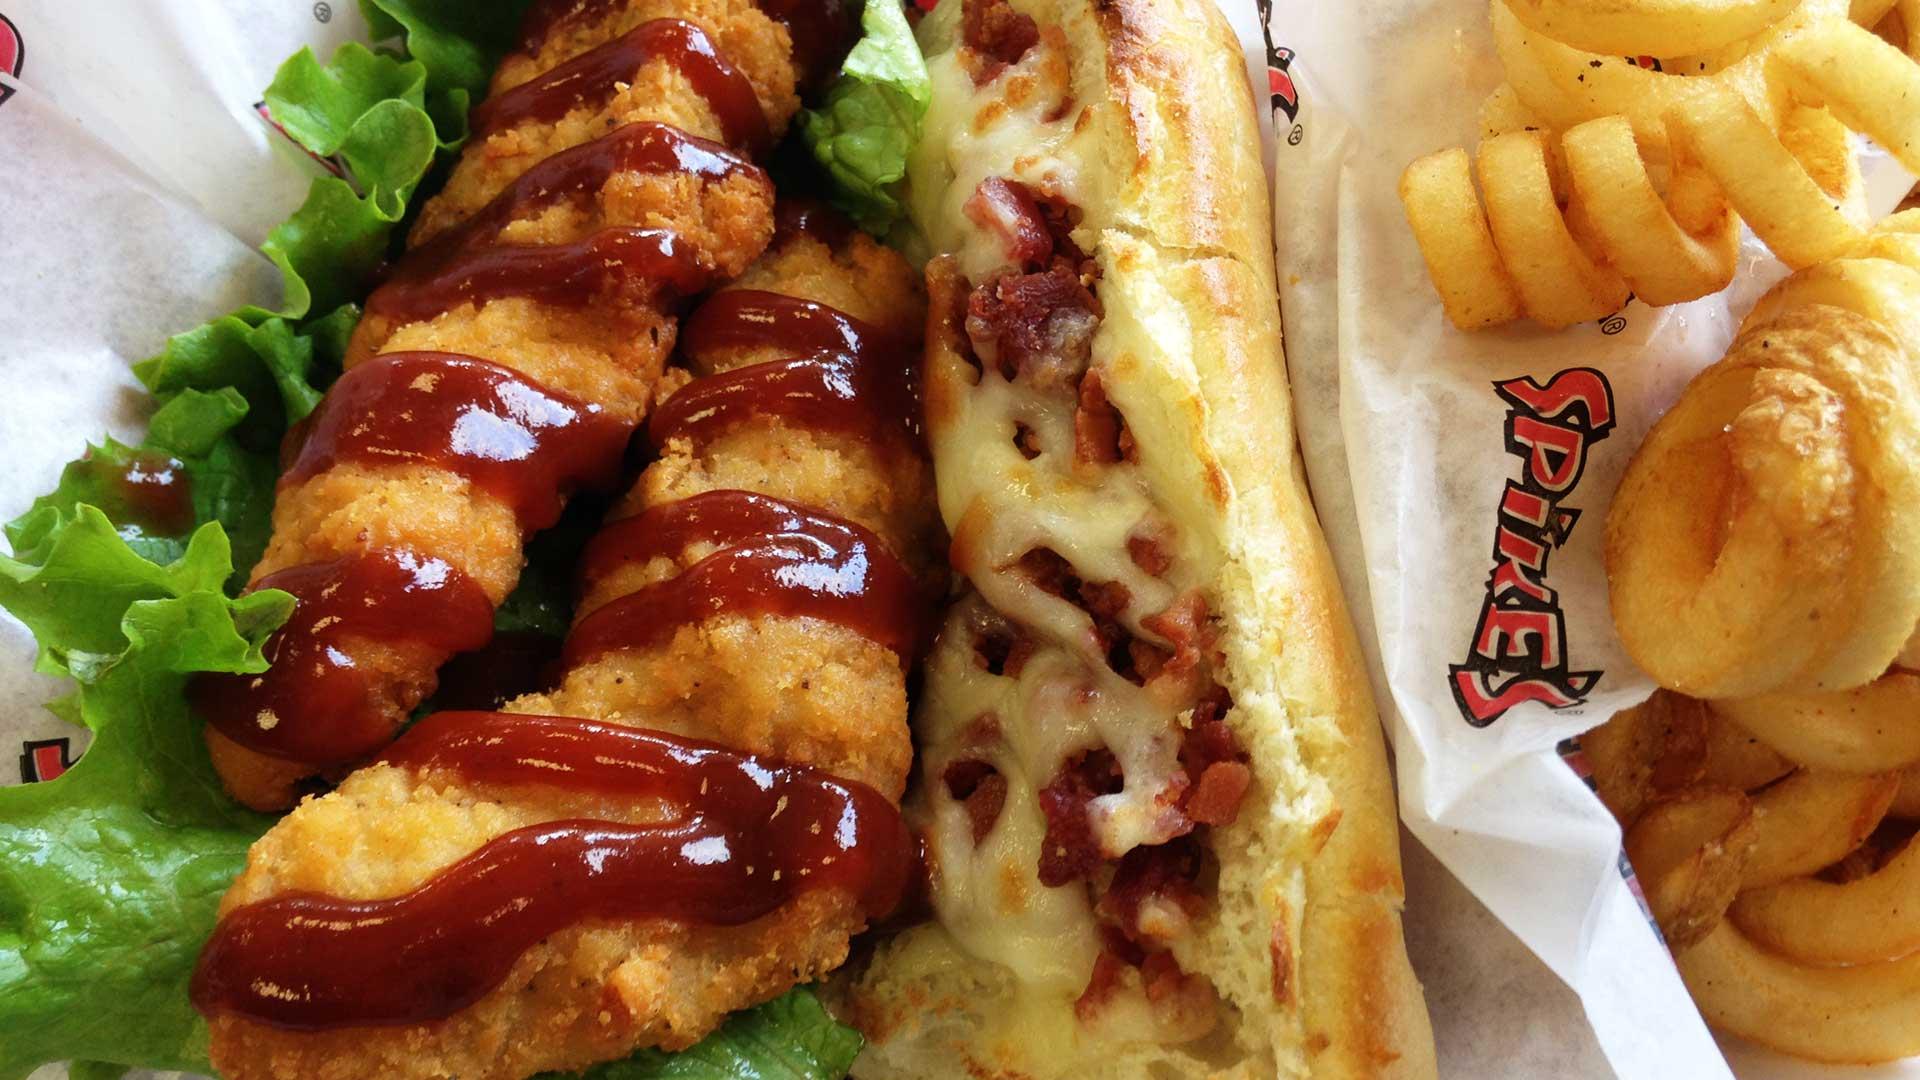 Best Hot Dog Restaurant Providence Ri Spike S Junkyard Dogs